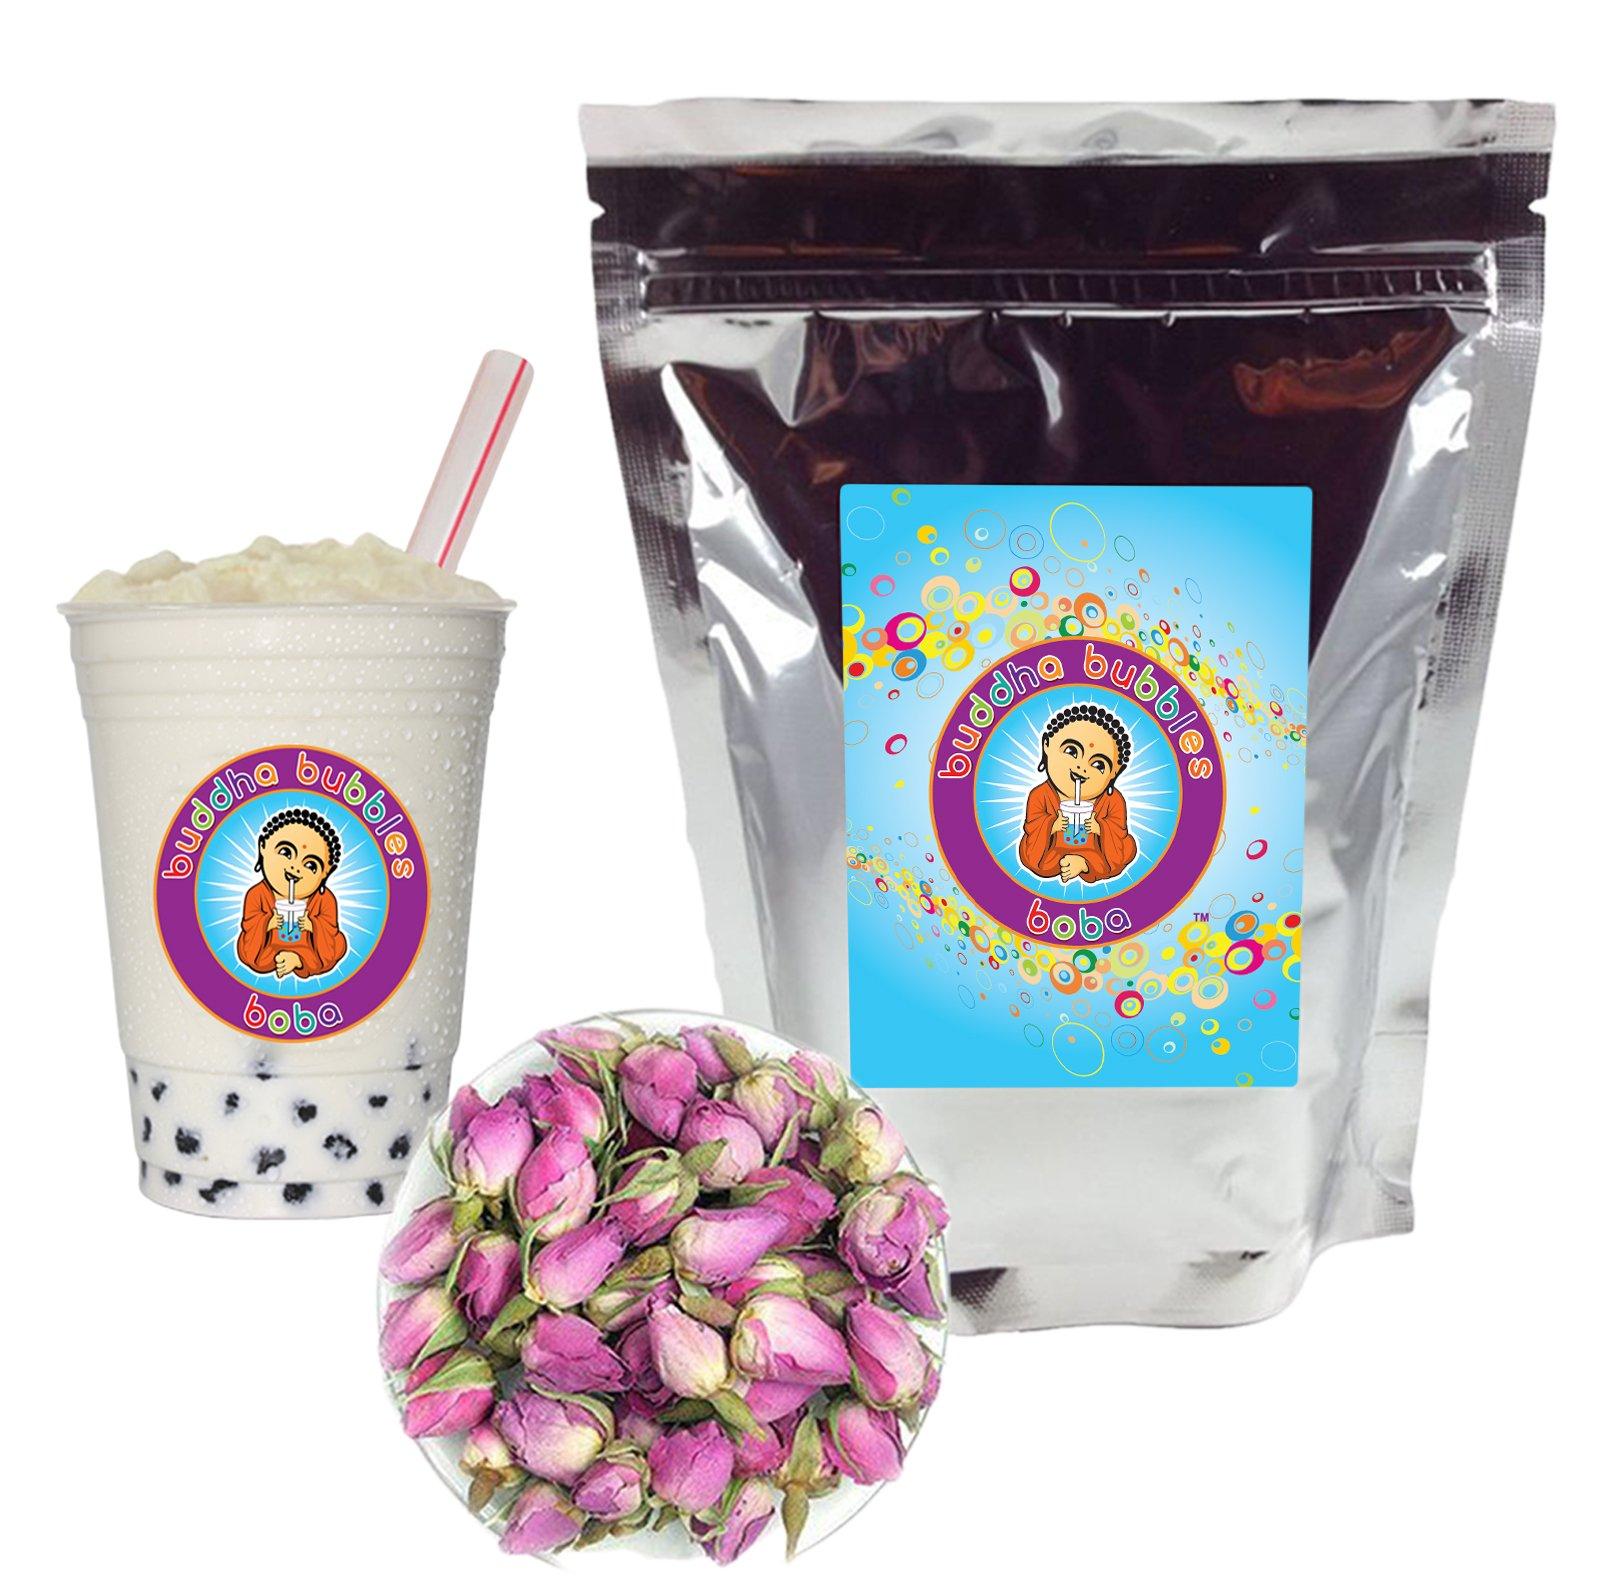 Rose Boba / Bubble Tea Drink Mix Powder By Buddha Bubbles Boba 1 Kilo (2.2 Pounds)   (1000 Grams) by Buddha Bubbles Boba